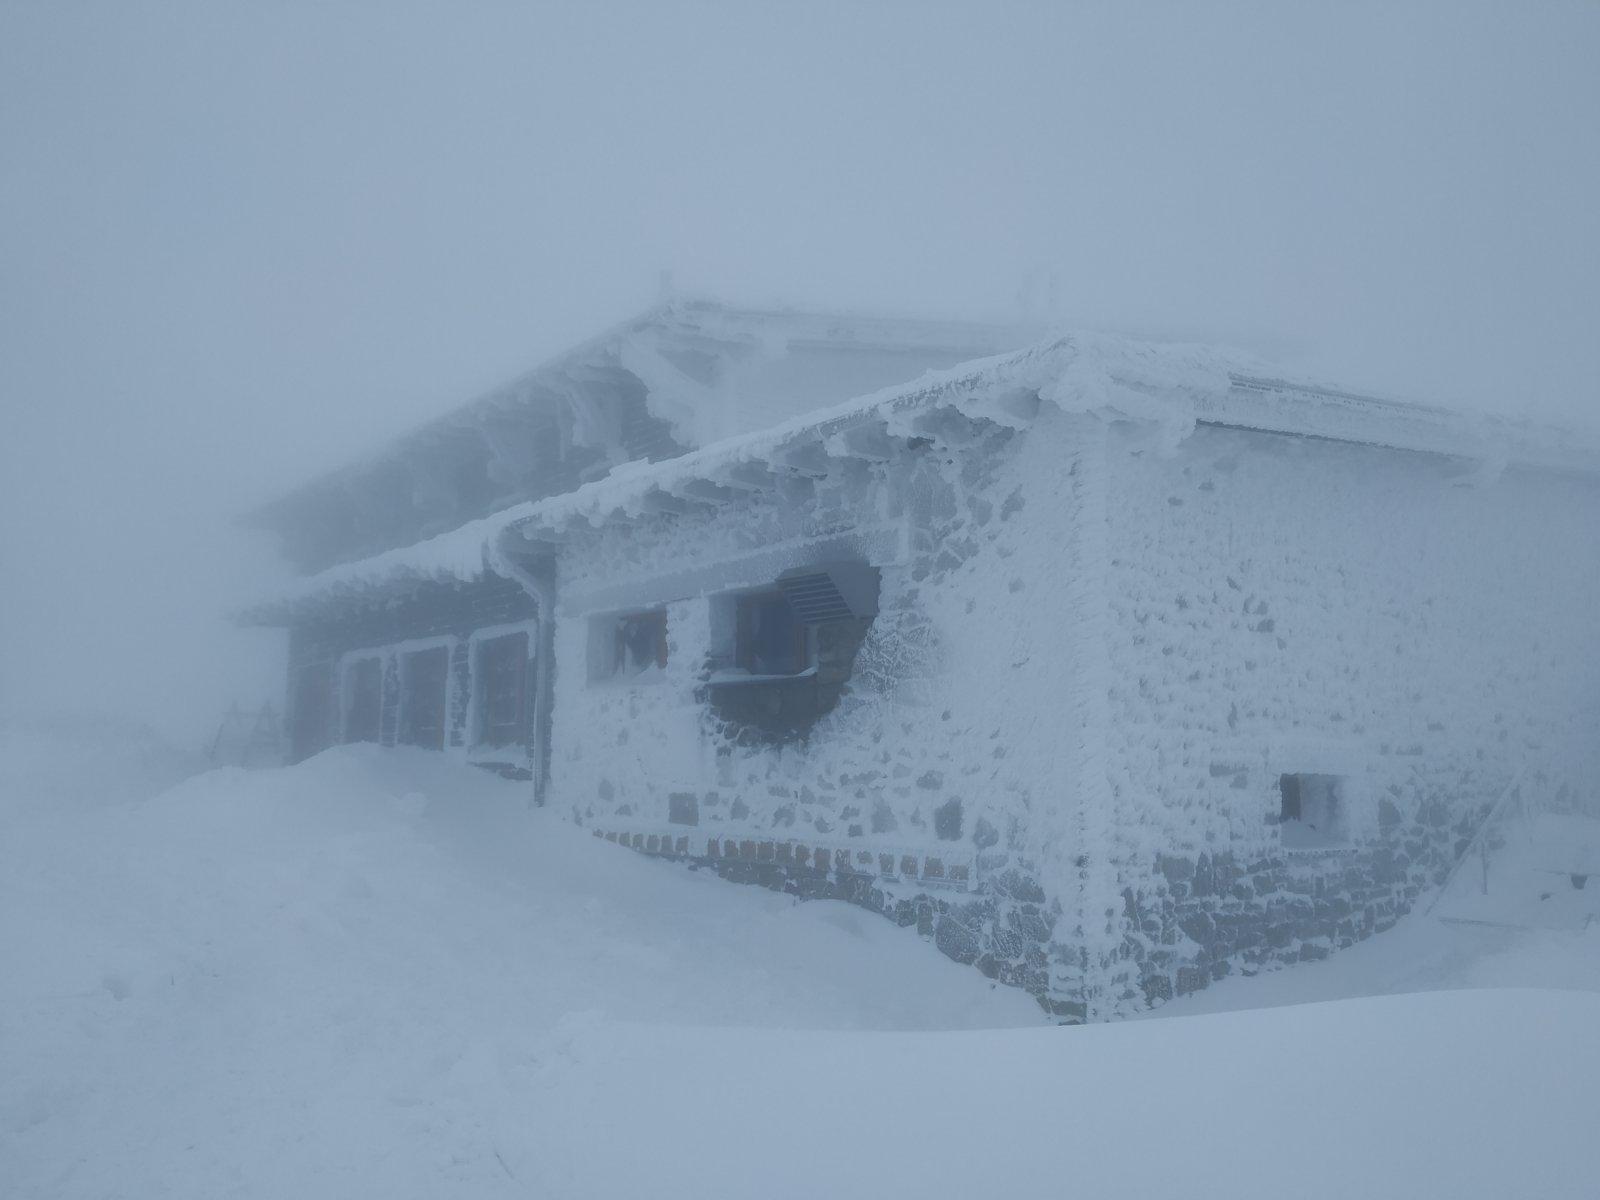 Pajulka na vrcholu Lysá hora (16.1.2019 14:45)